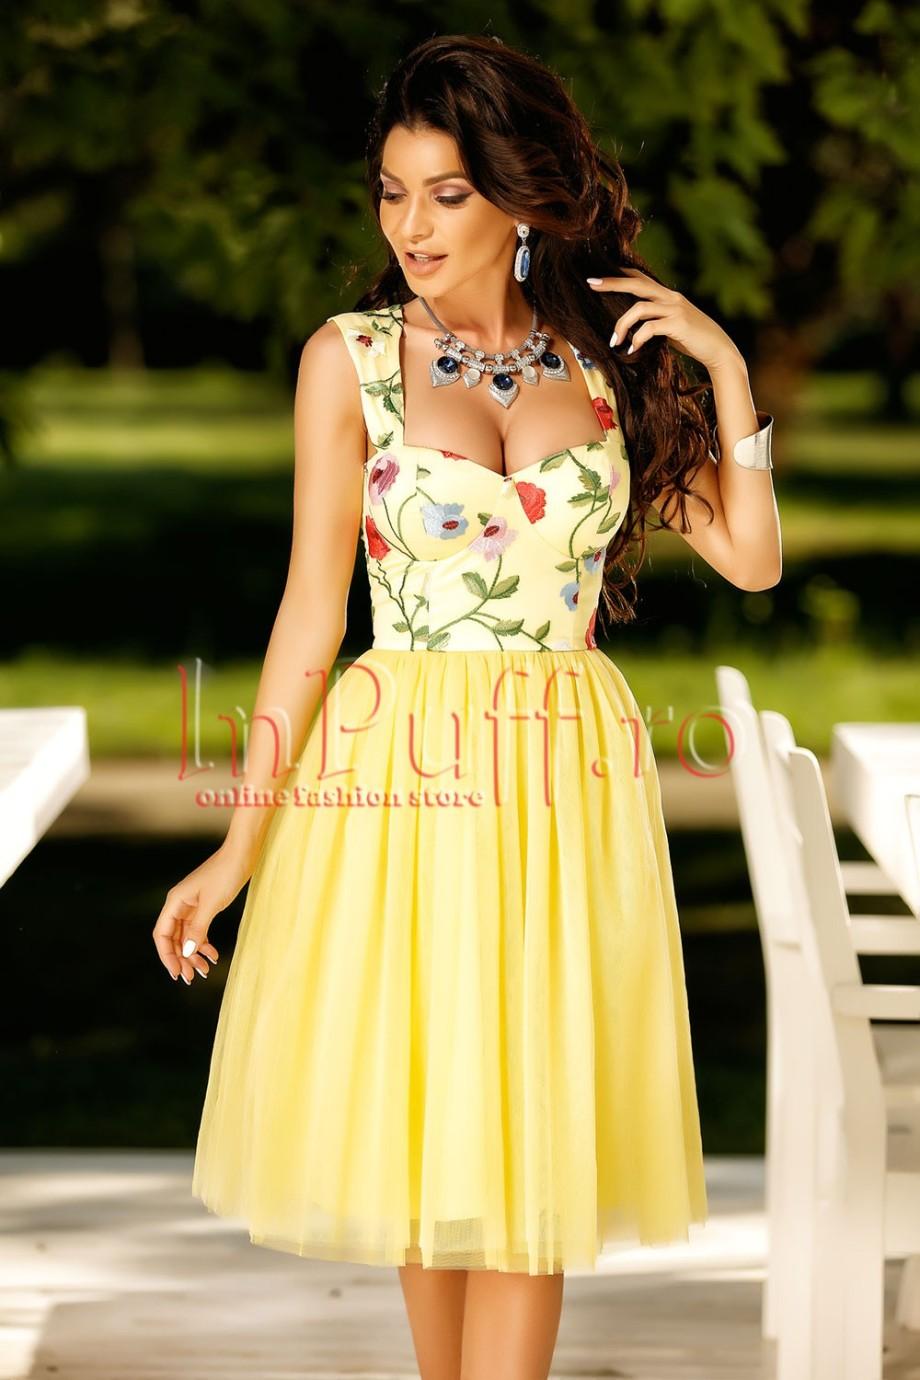 rochie-midi-galbena-cu-dantela-colorata-la-bust-1502481704-4